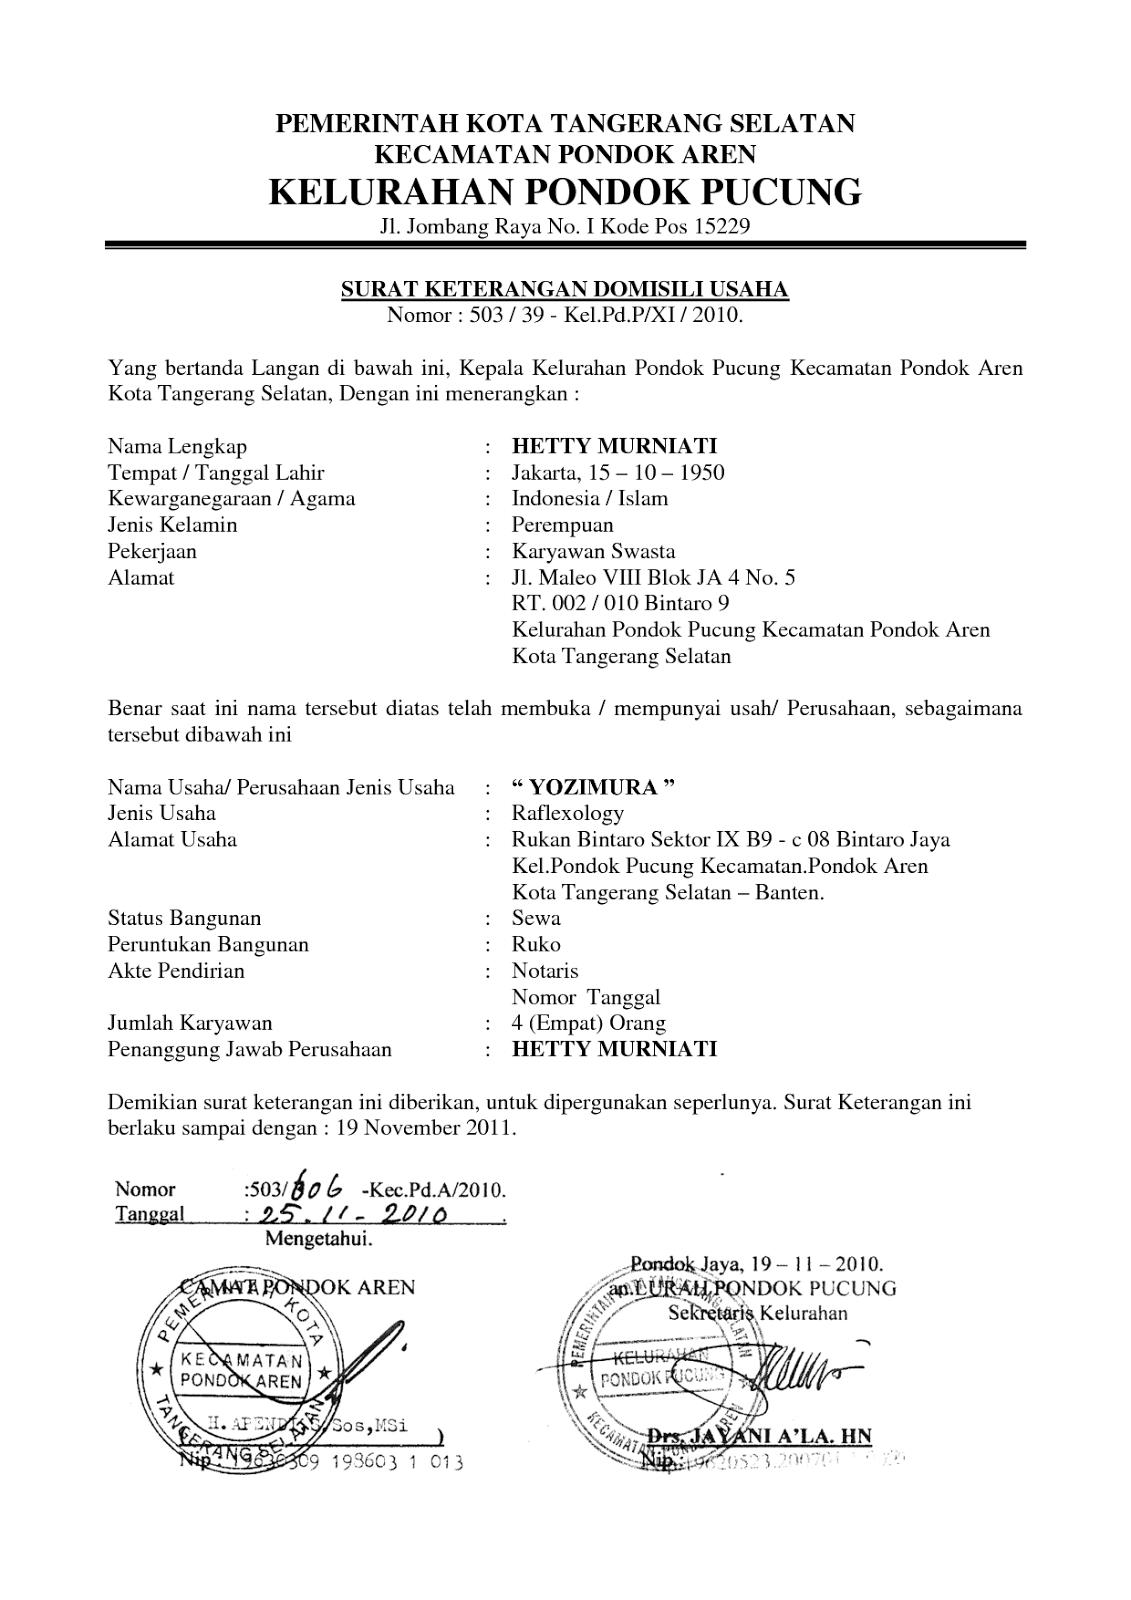 Contoh Surat Domisili Perusahaan Gudang Surat